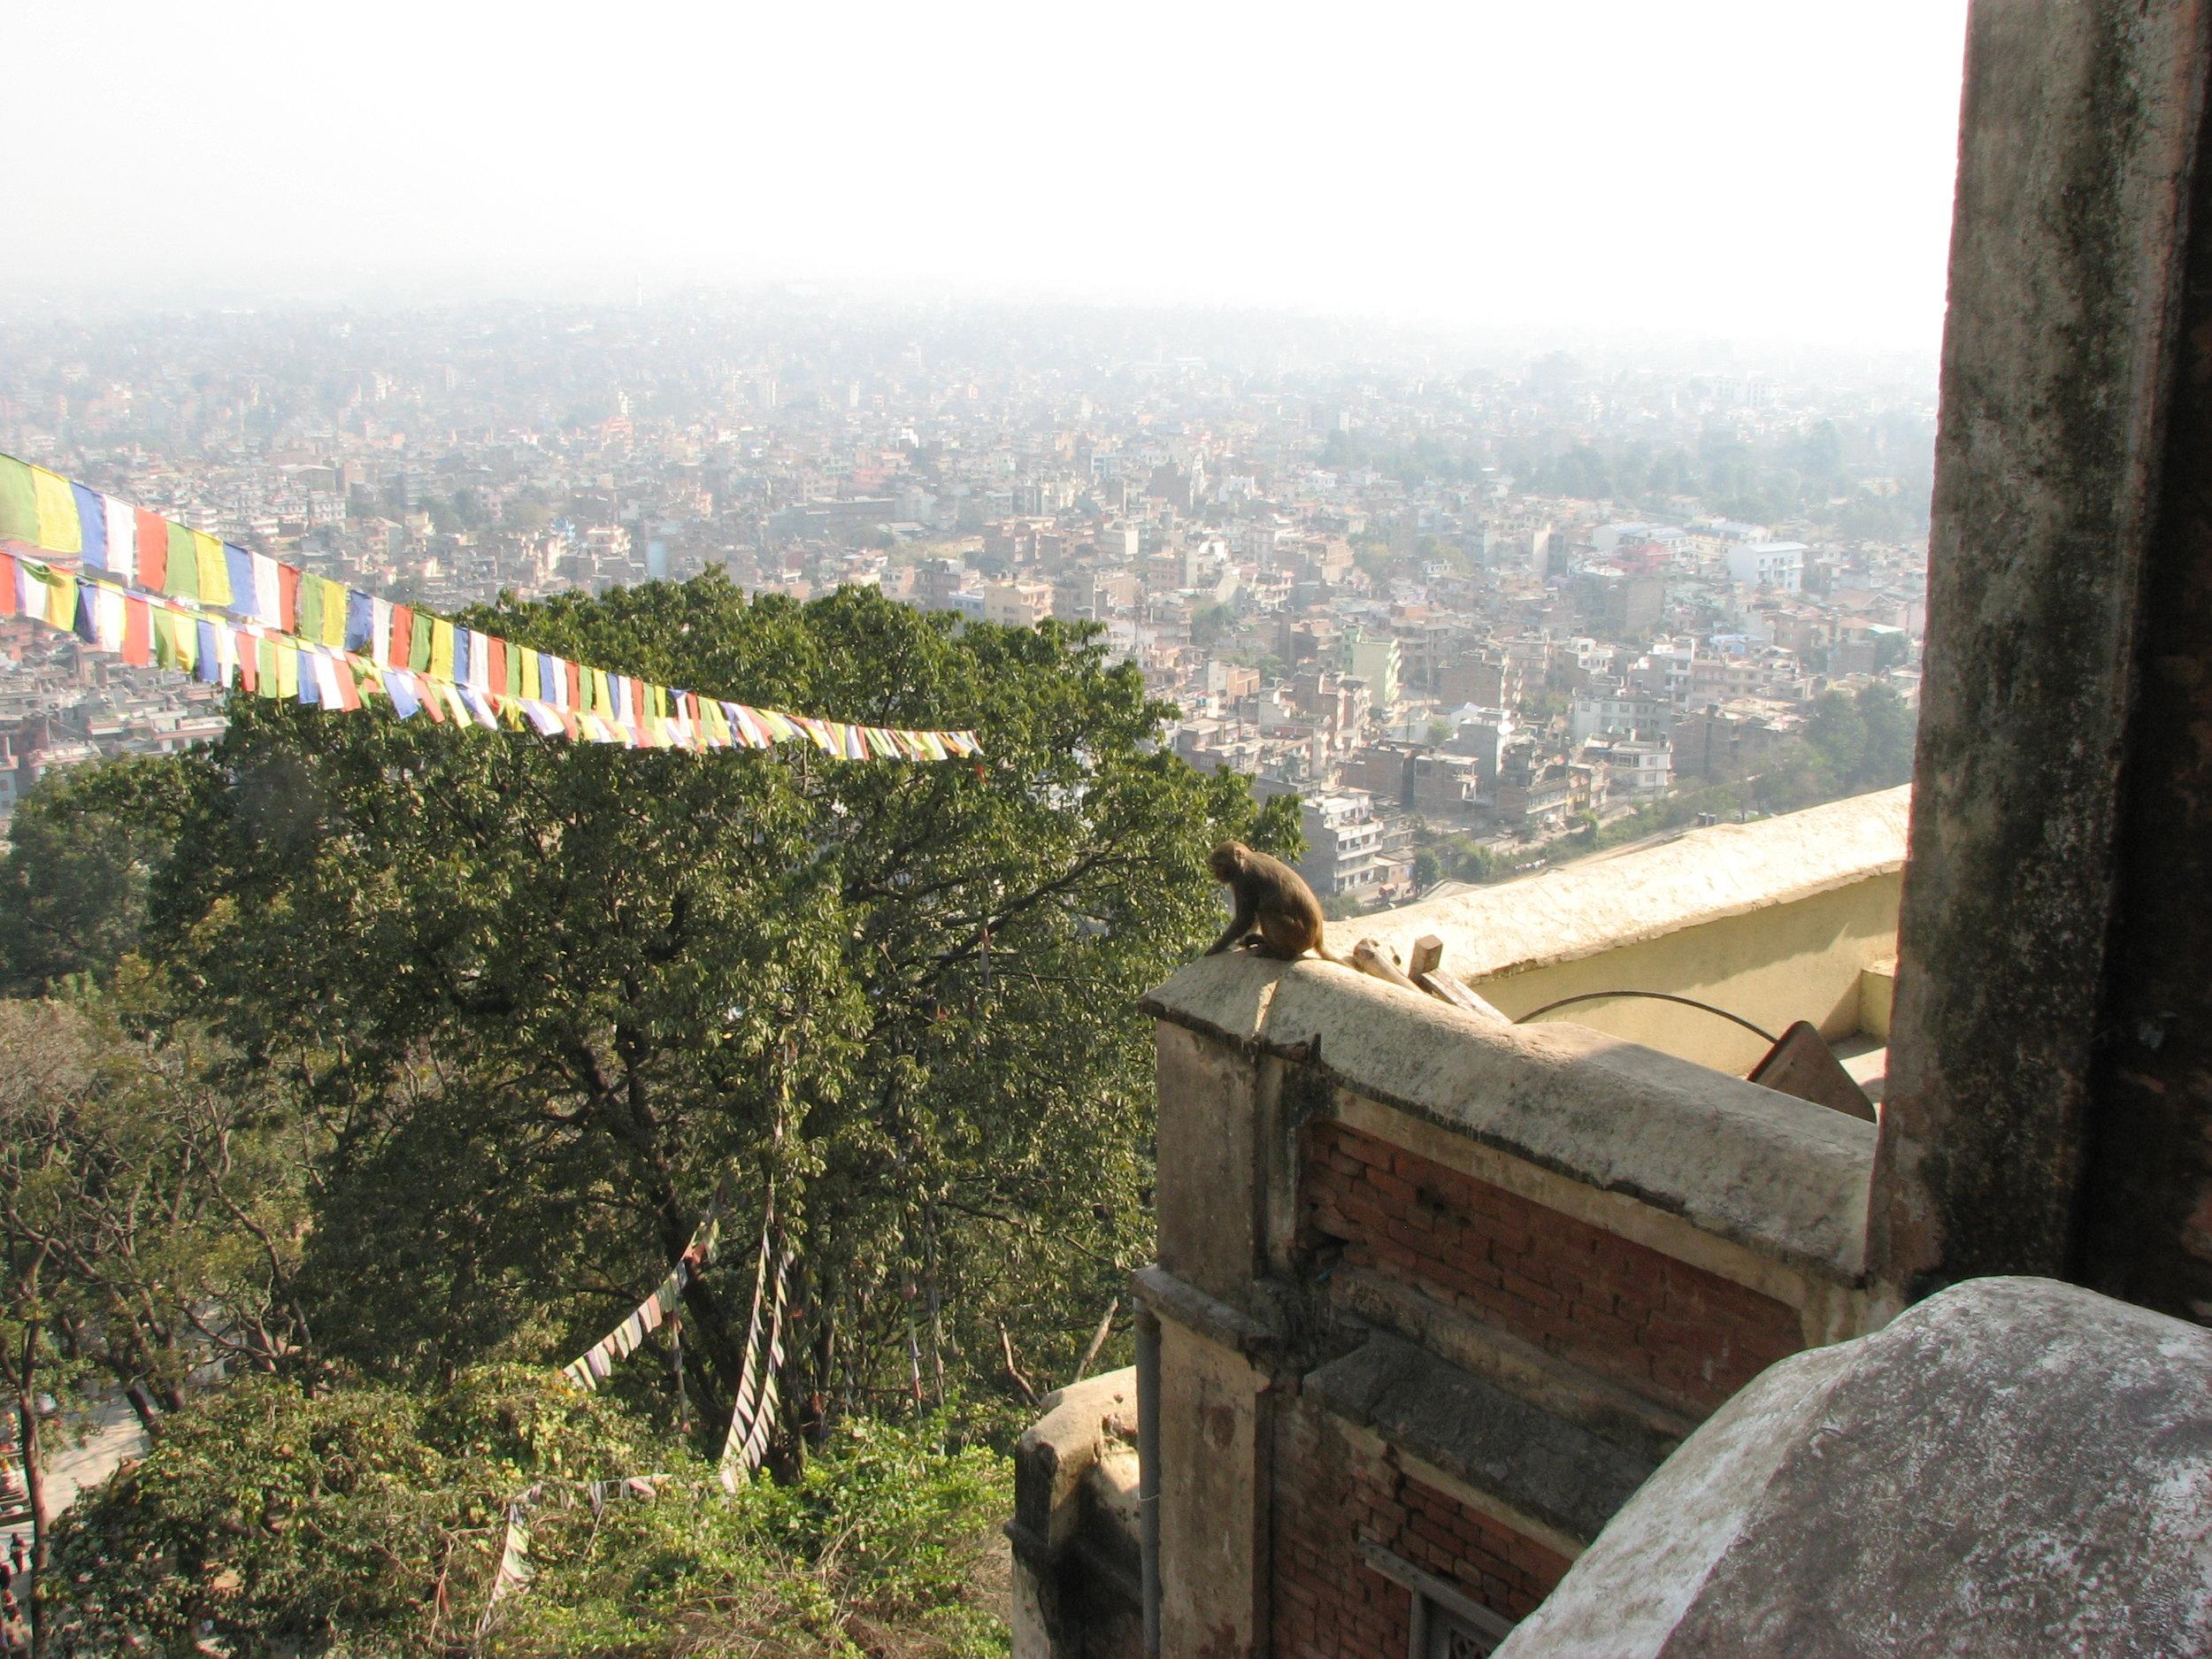 Monkey's eye view of Kathmandhu